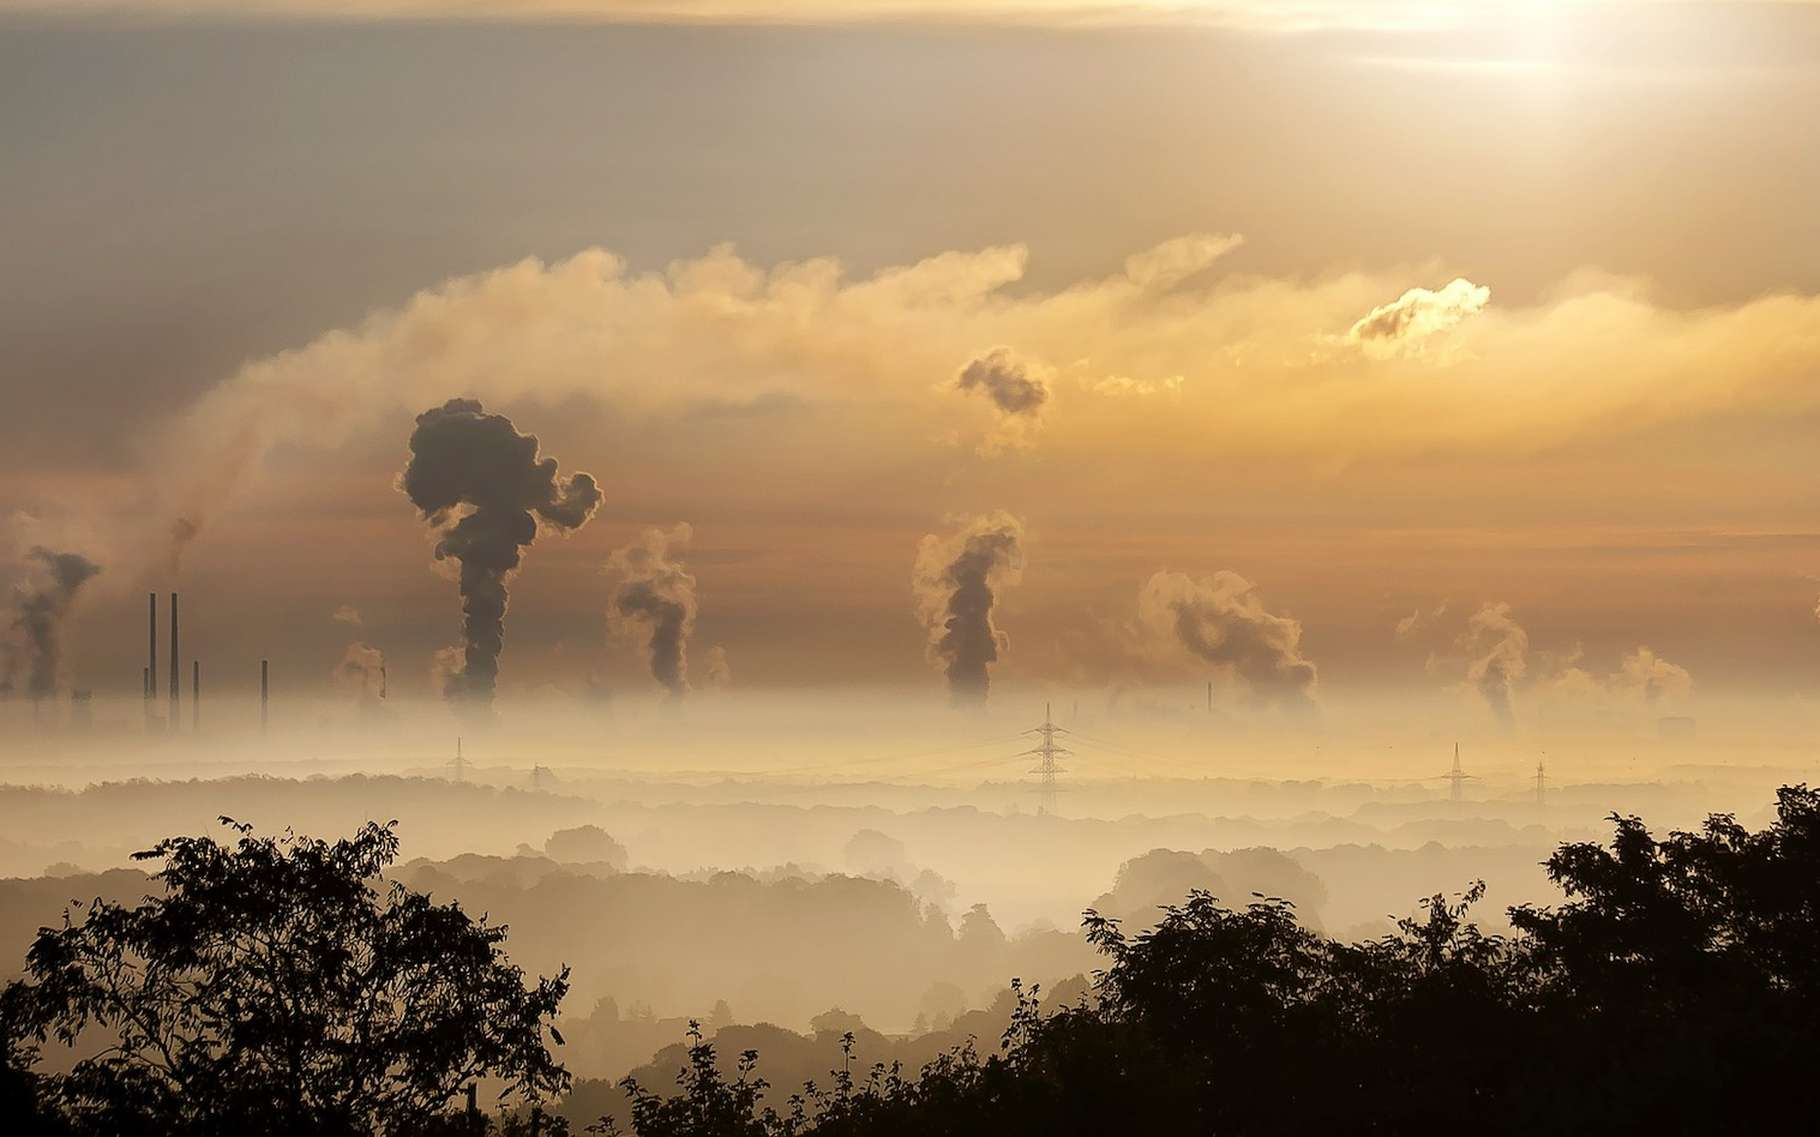 En 2018, la demande en énergie a augmenté pour tous les combustibles. Mais, alors qu'elle augmentait de 30 % pour les énergies solaire et éolienne, elle a augmenté de 70 % pour les combustibles fossiles. Ainsi, les émissions de CO2 s'affichent également à la hausse. © Foto-Rabe, Pixabay, CC0 Creative Commons